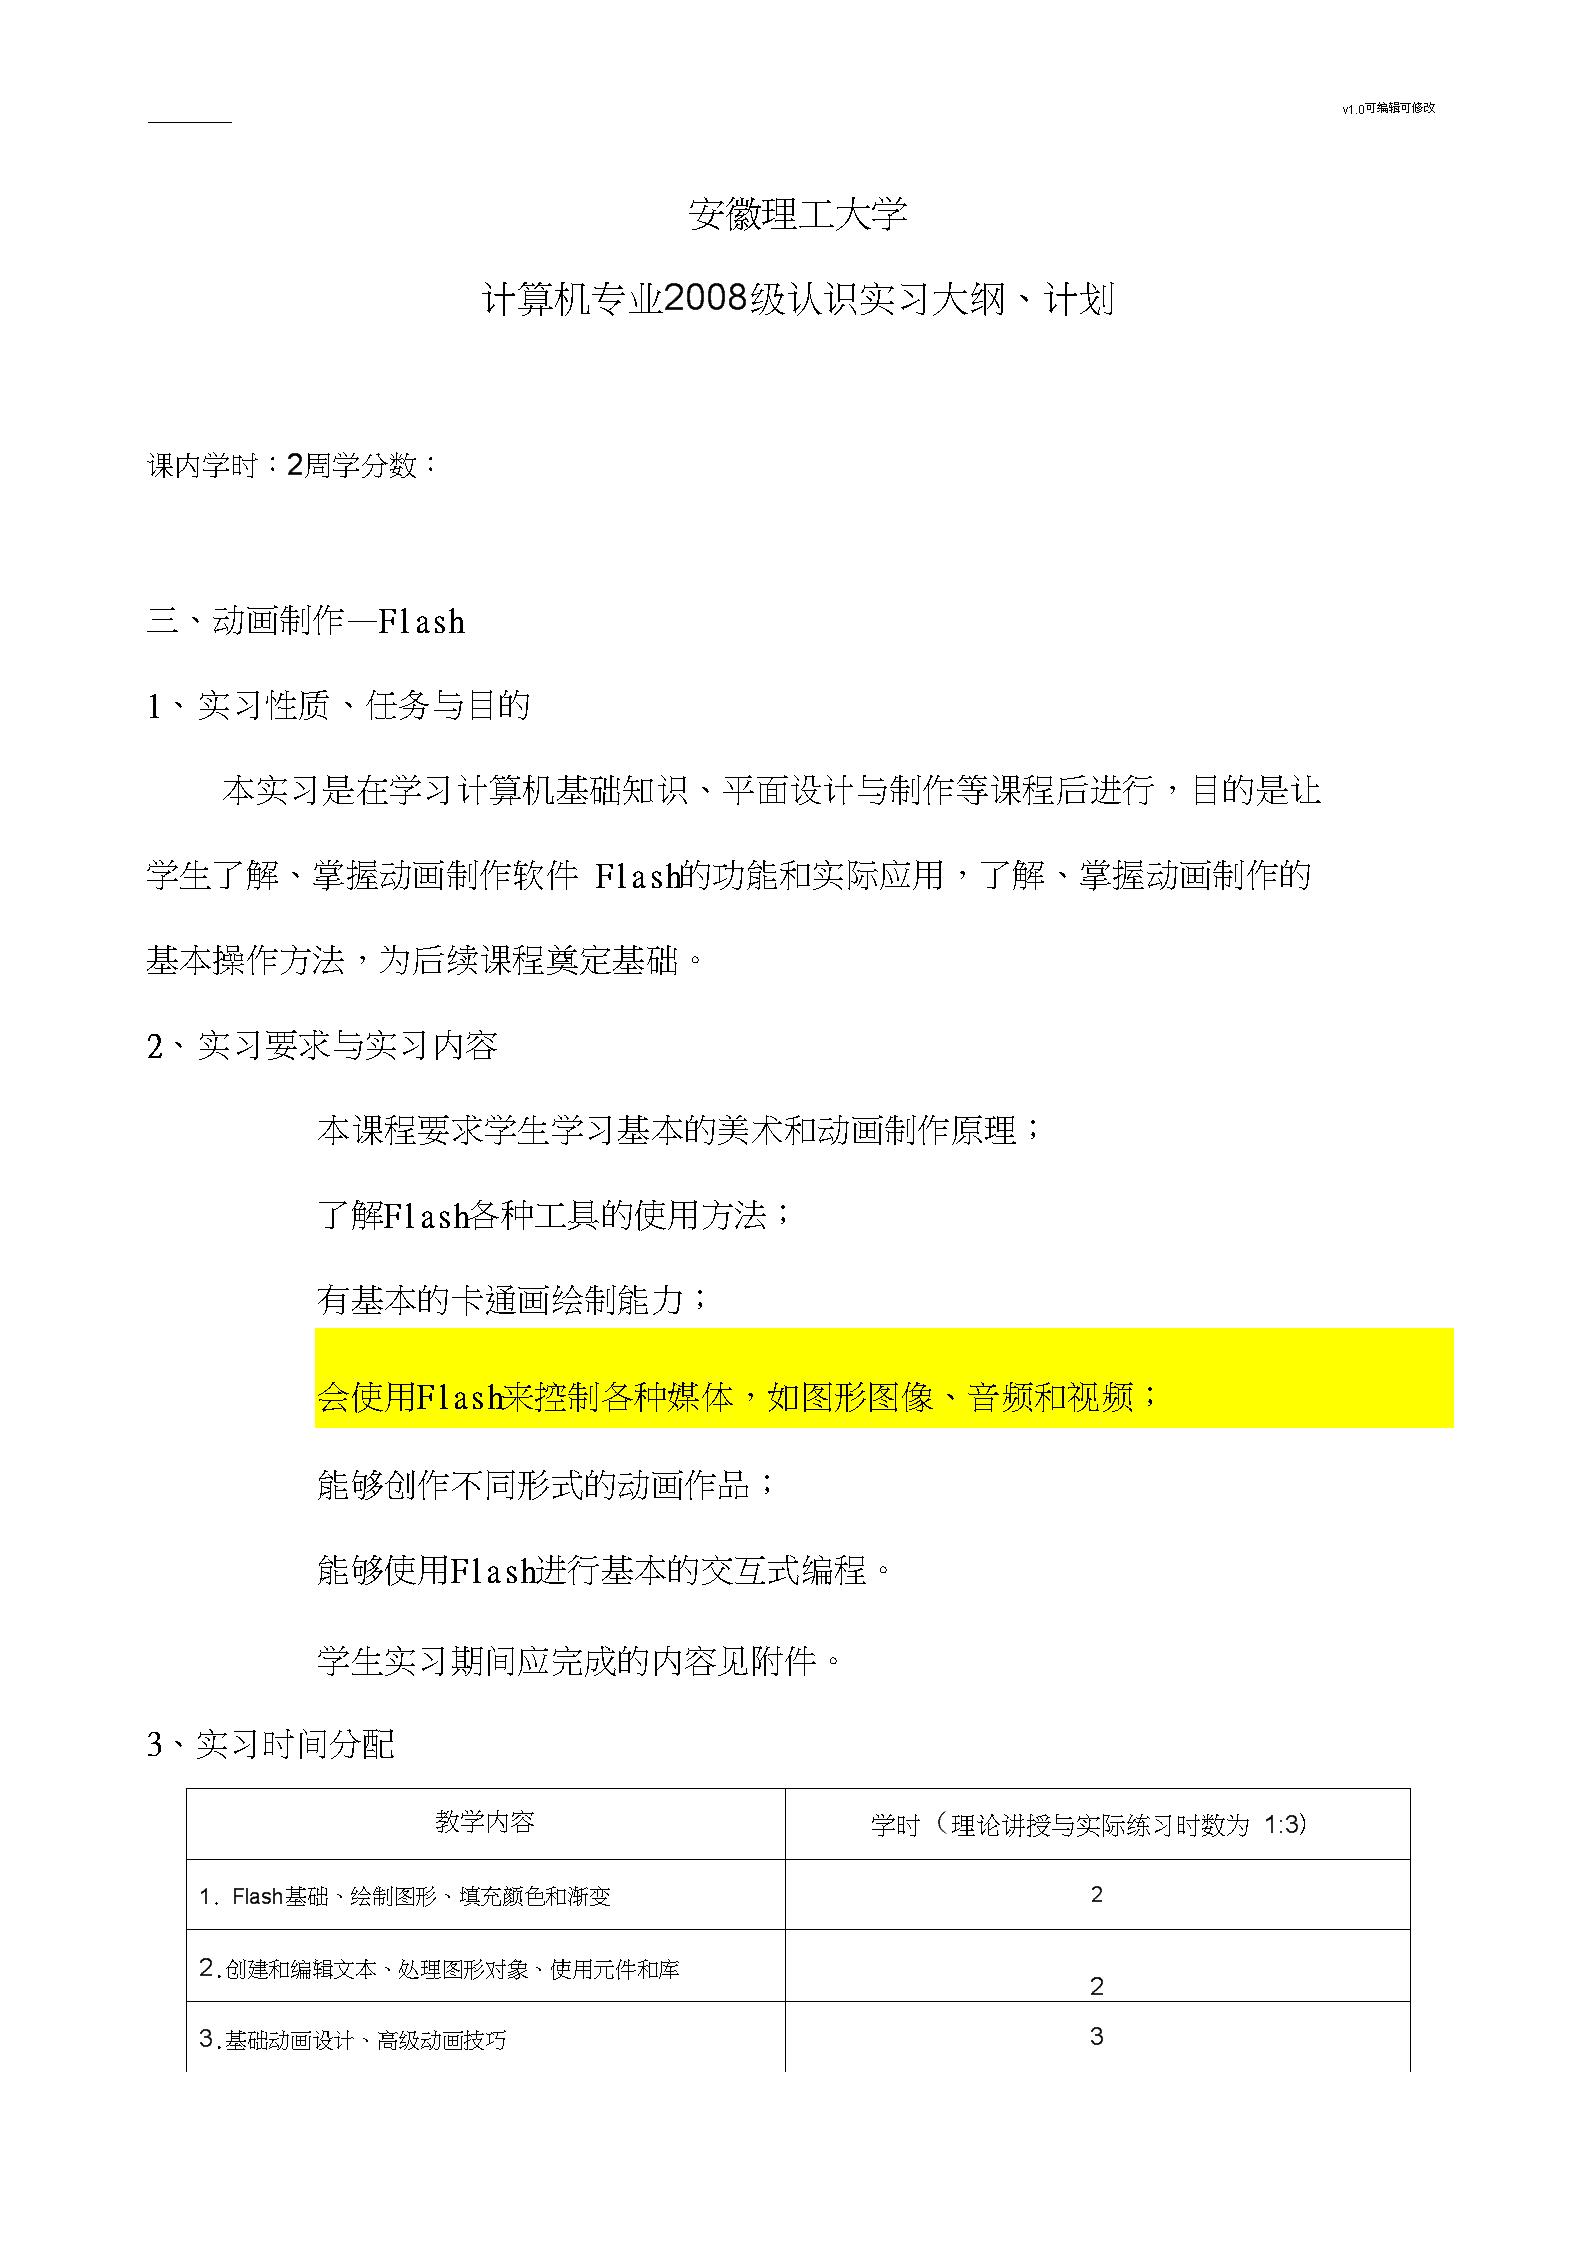 flash案例详细操作步骤.docx